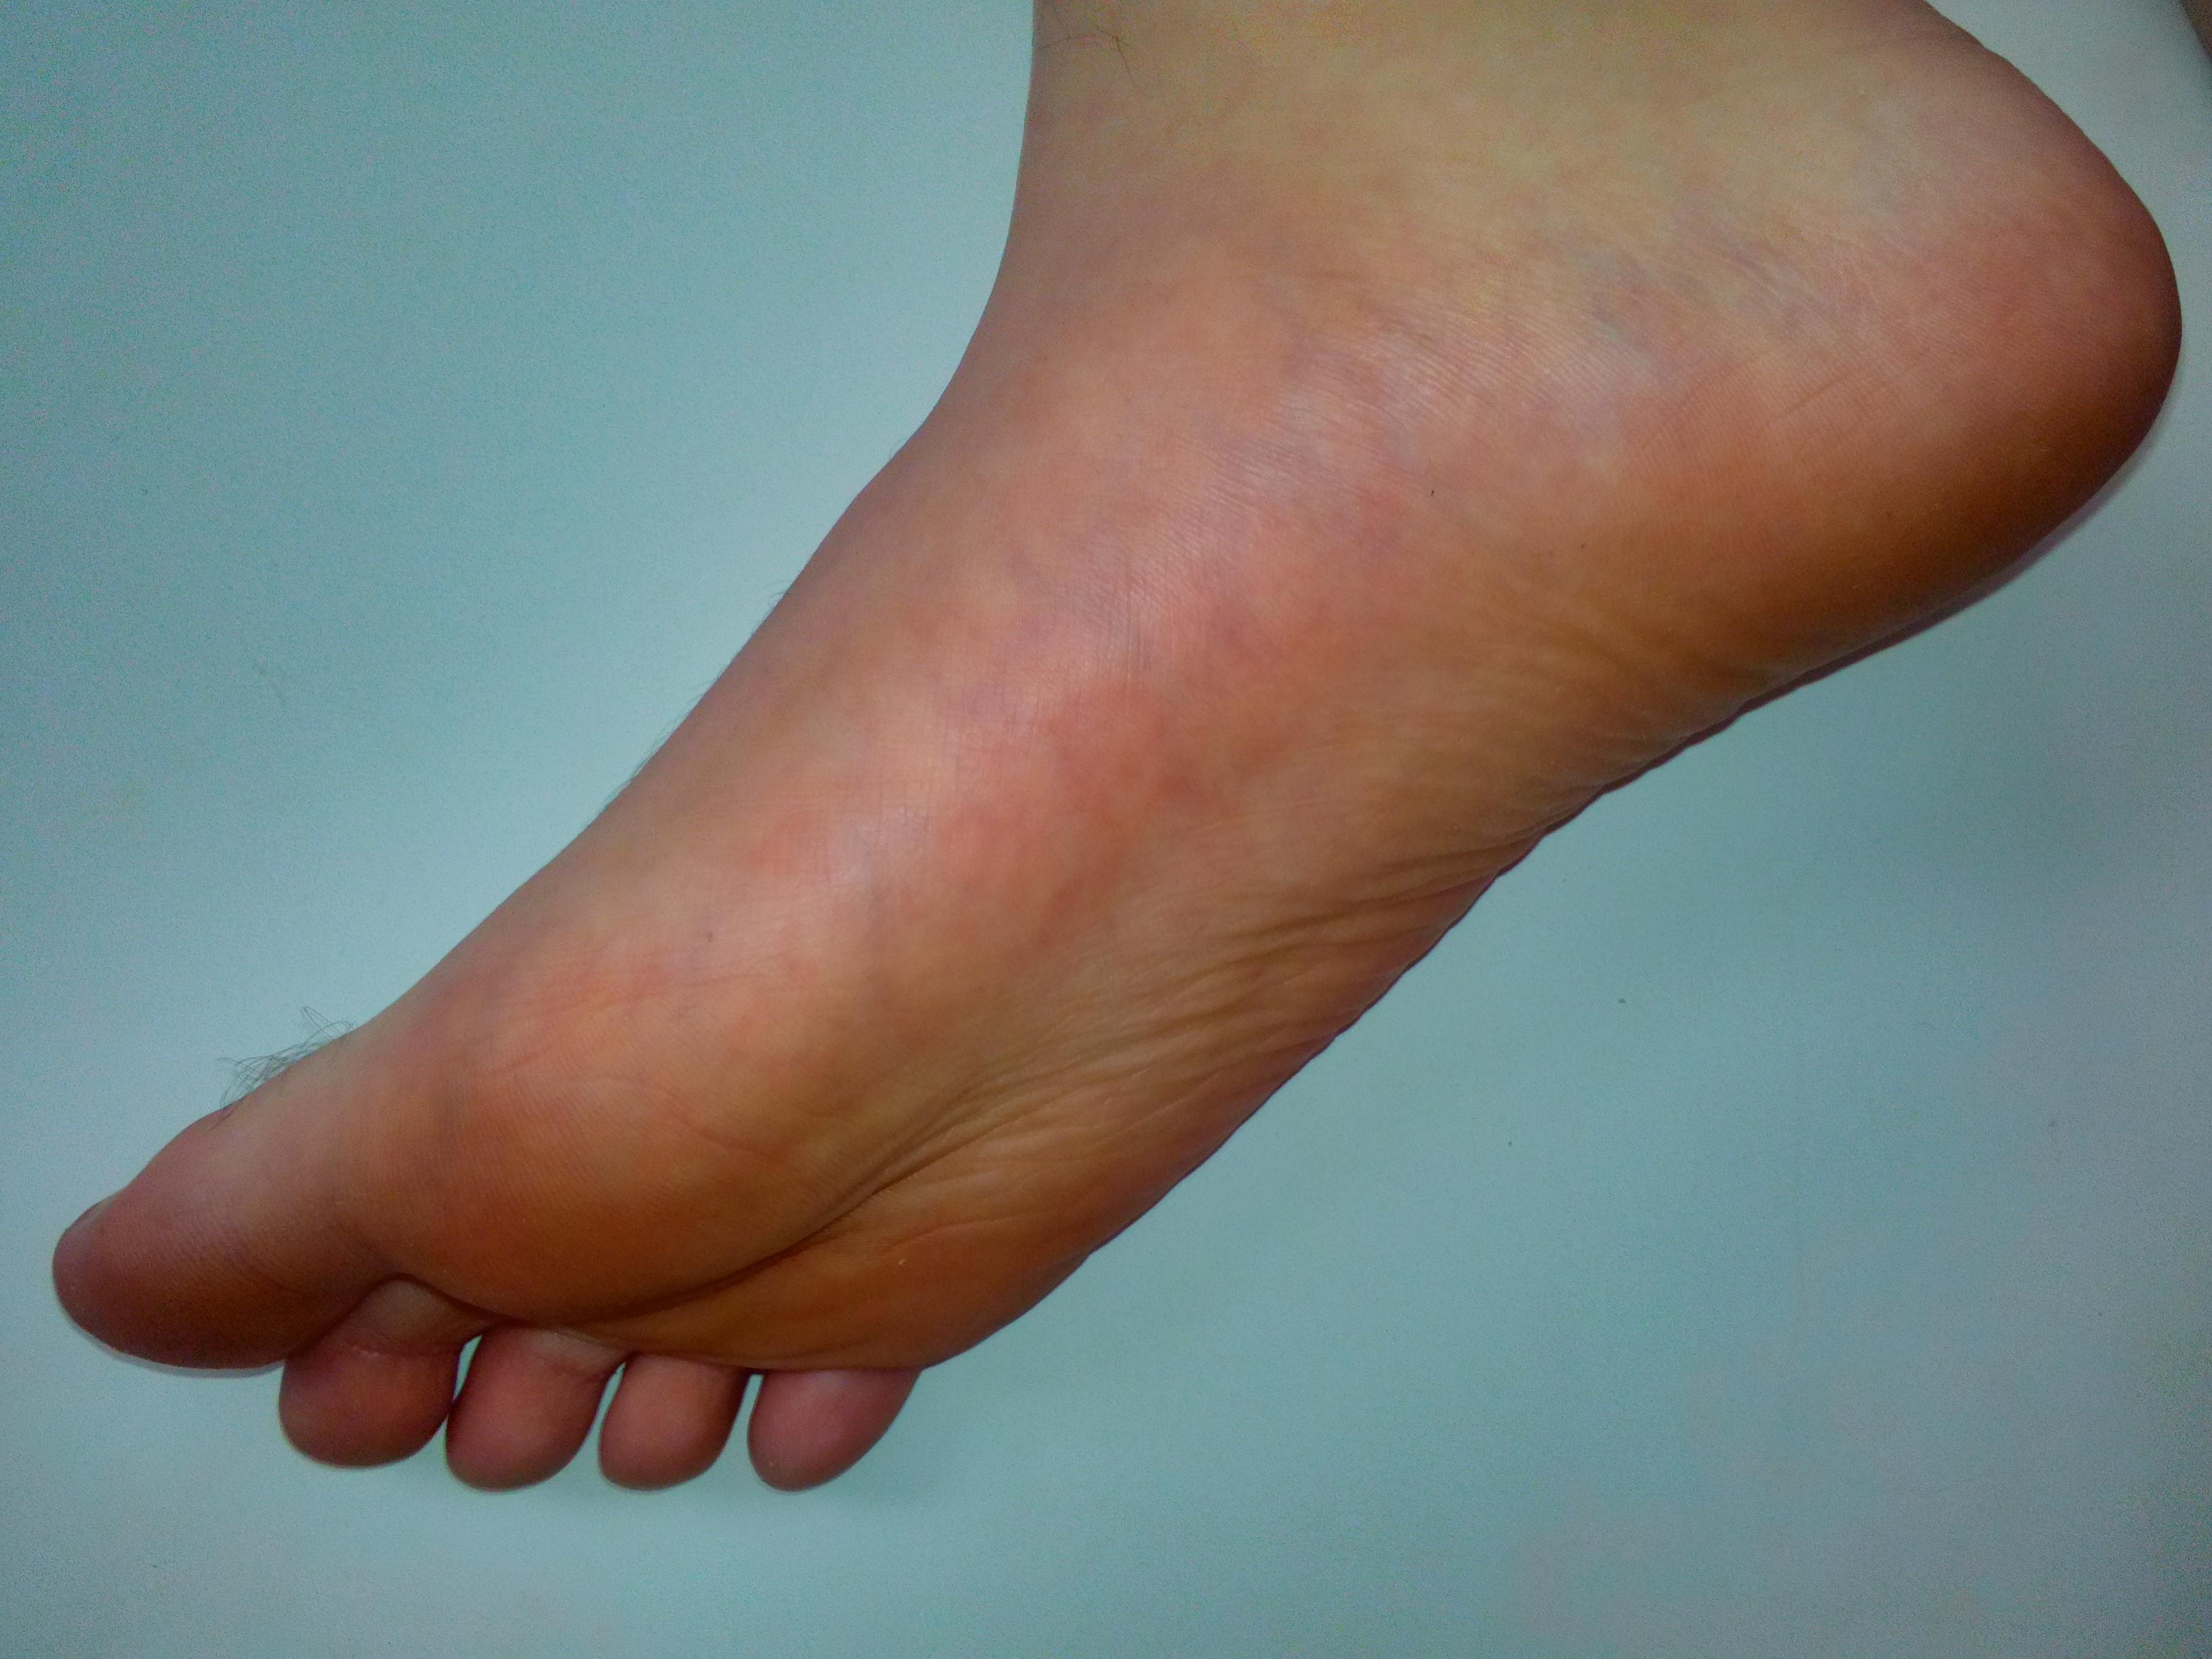 Foot Wikipedia